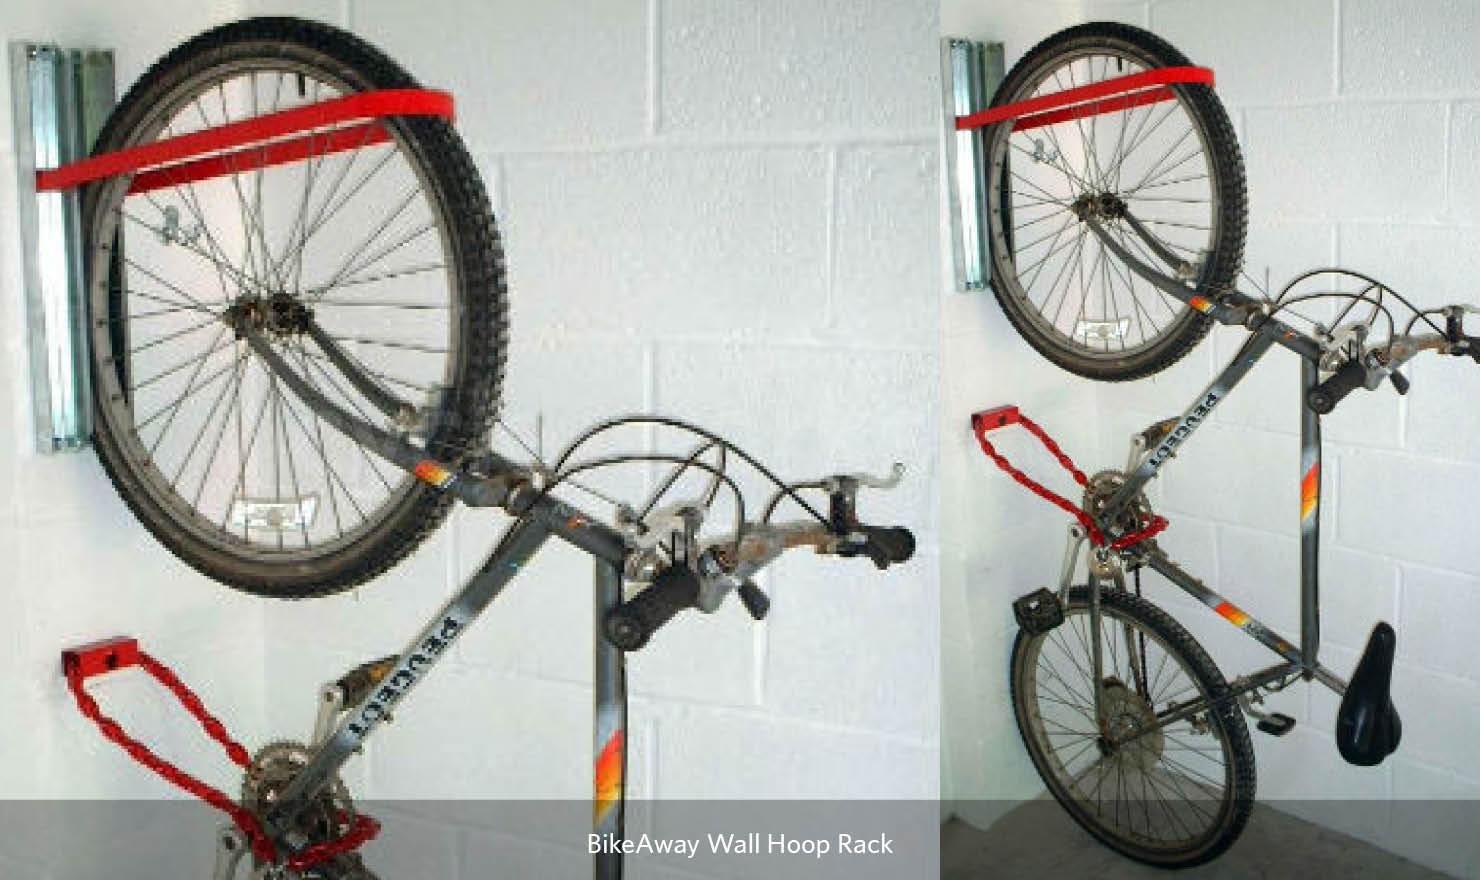 BikeAway Wall Hoop Rack